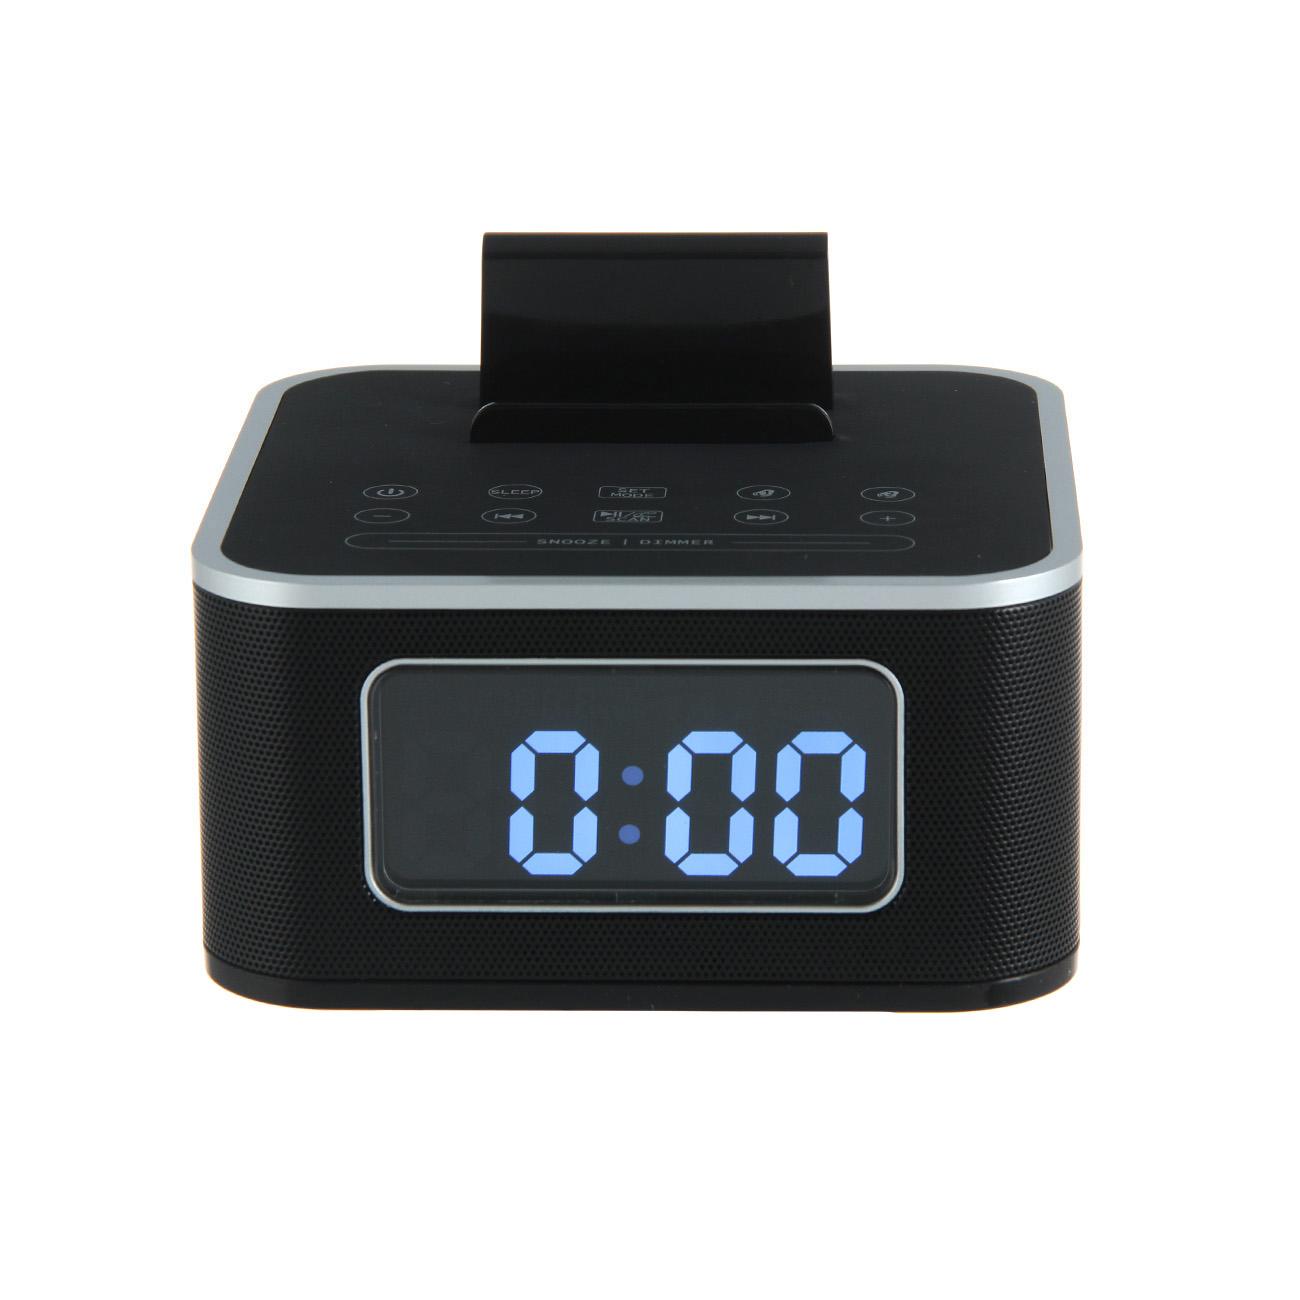 радио часы сони установка времени инструкция